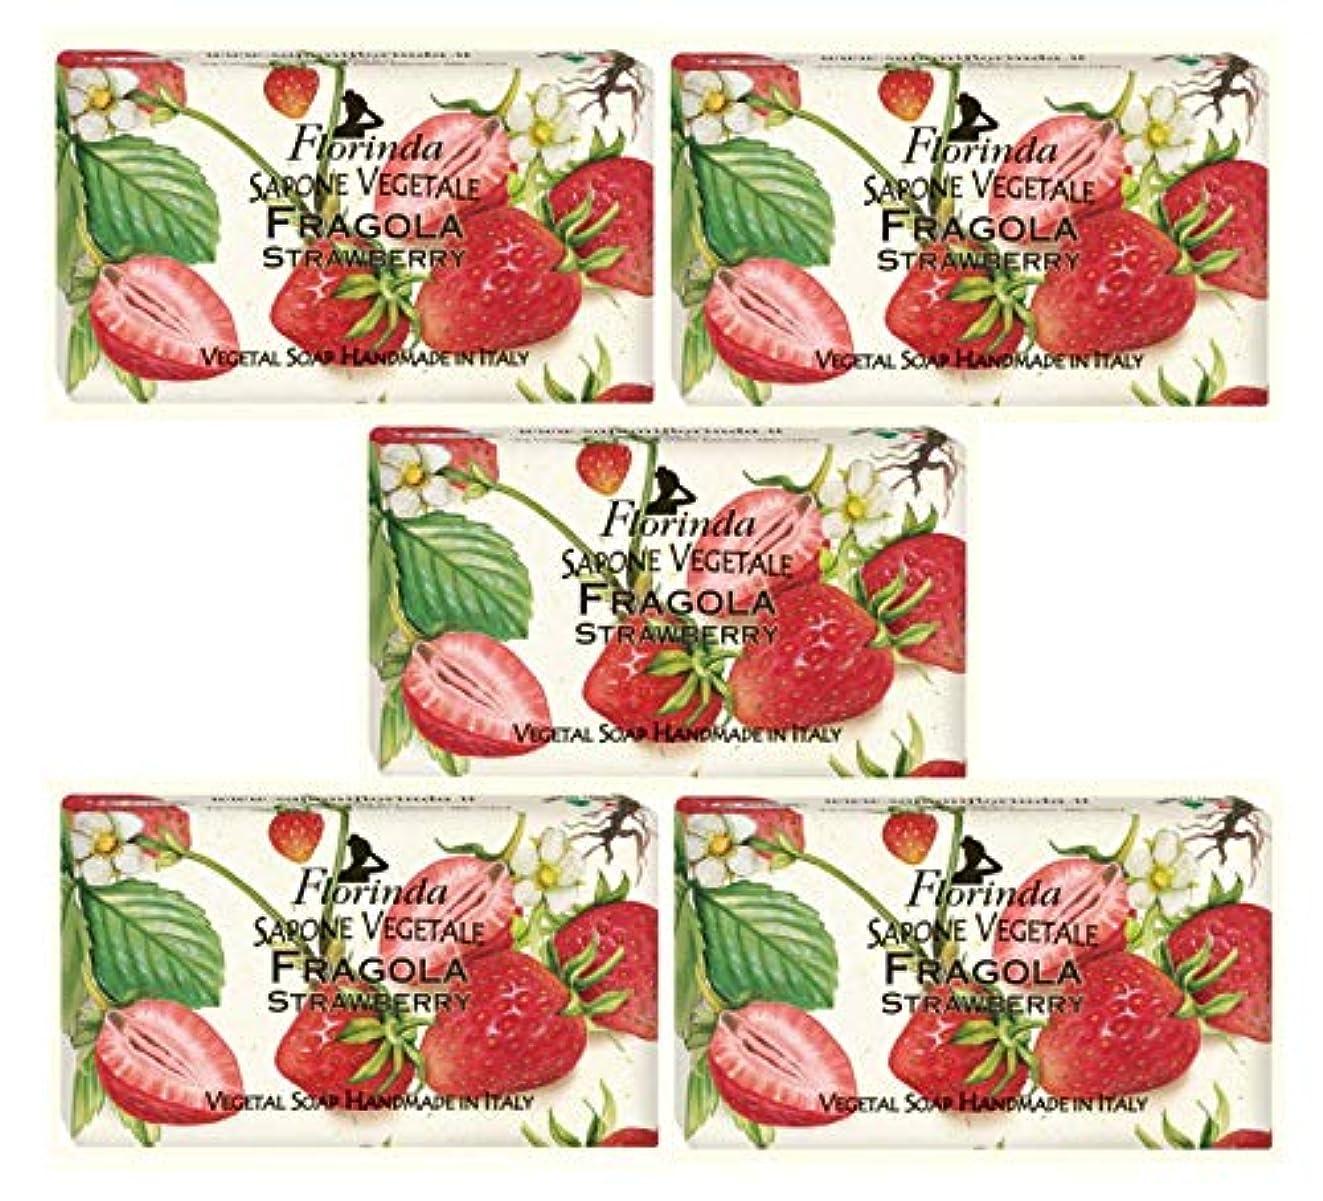 シニス十二余剰フロリンダ フレグランスソープ 固形石けん フルーツの香り ストロベリー 95g×5個セット